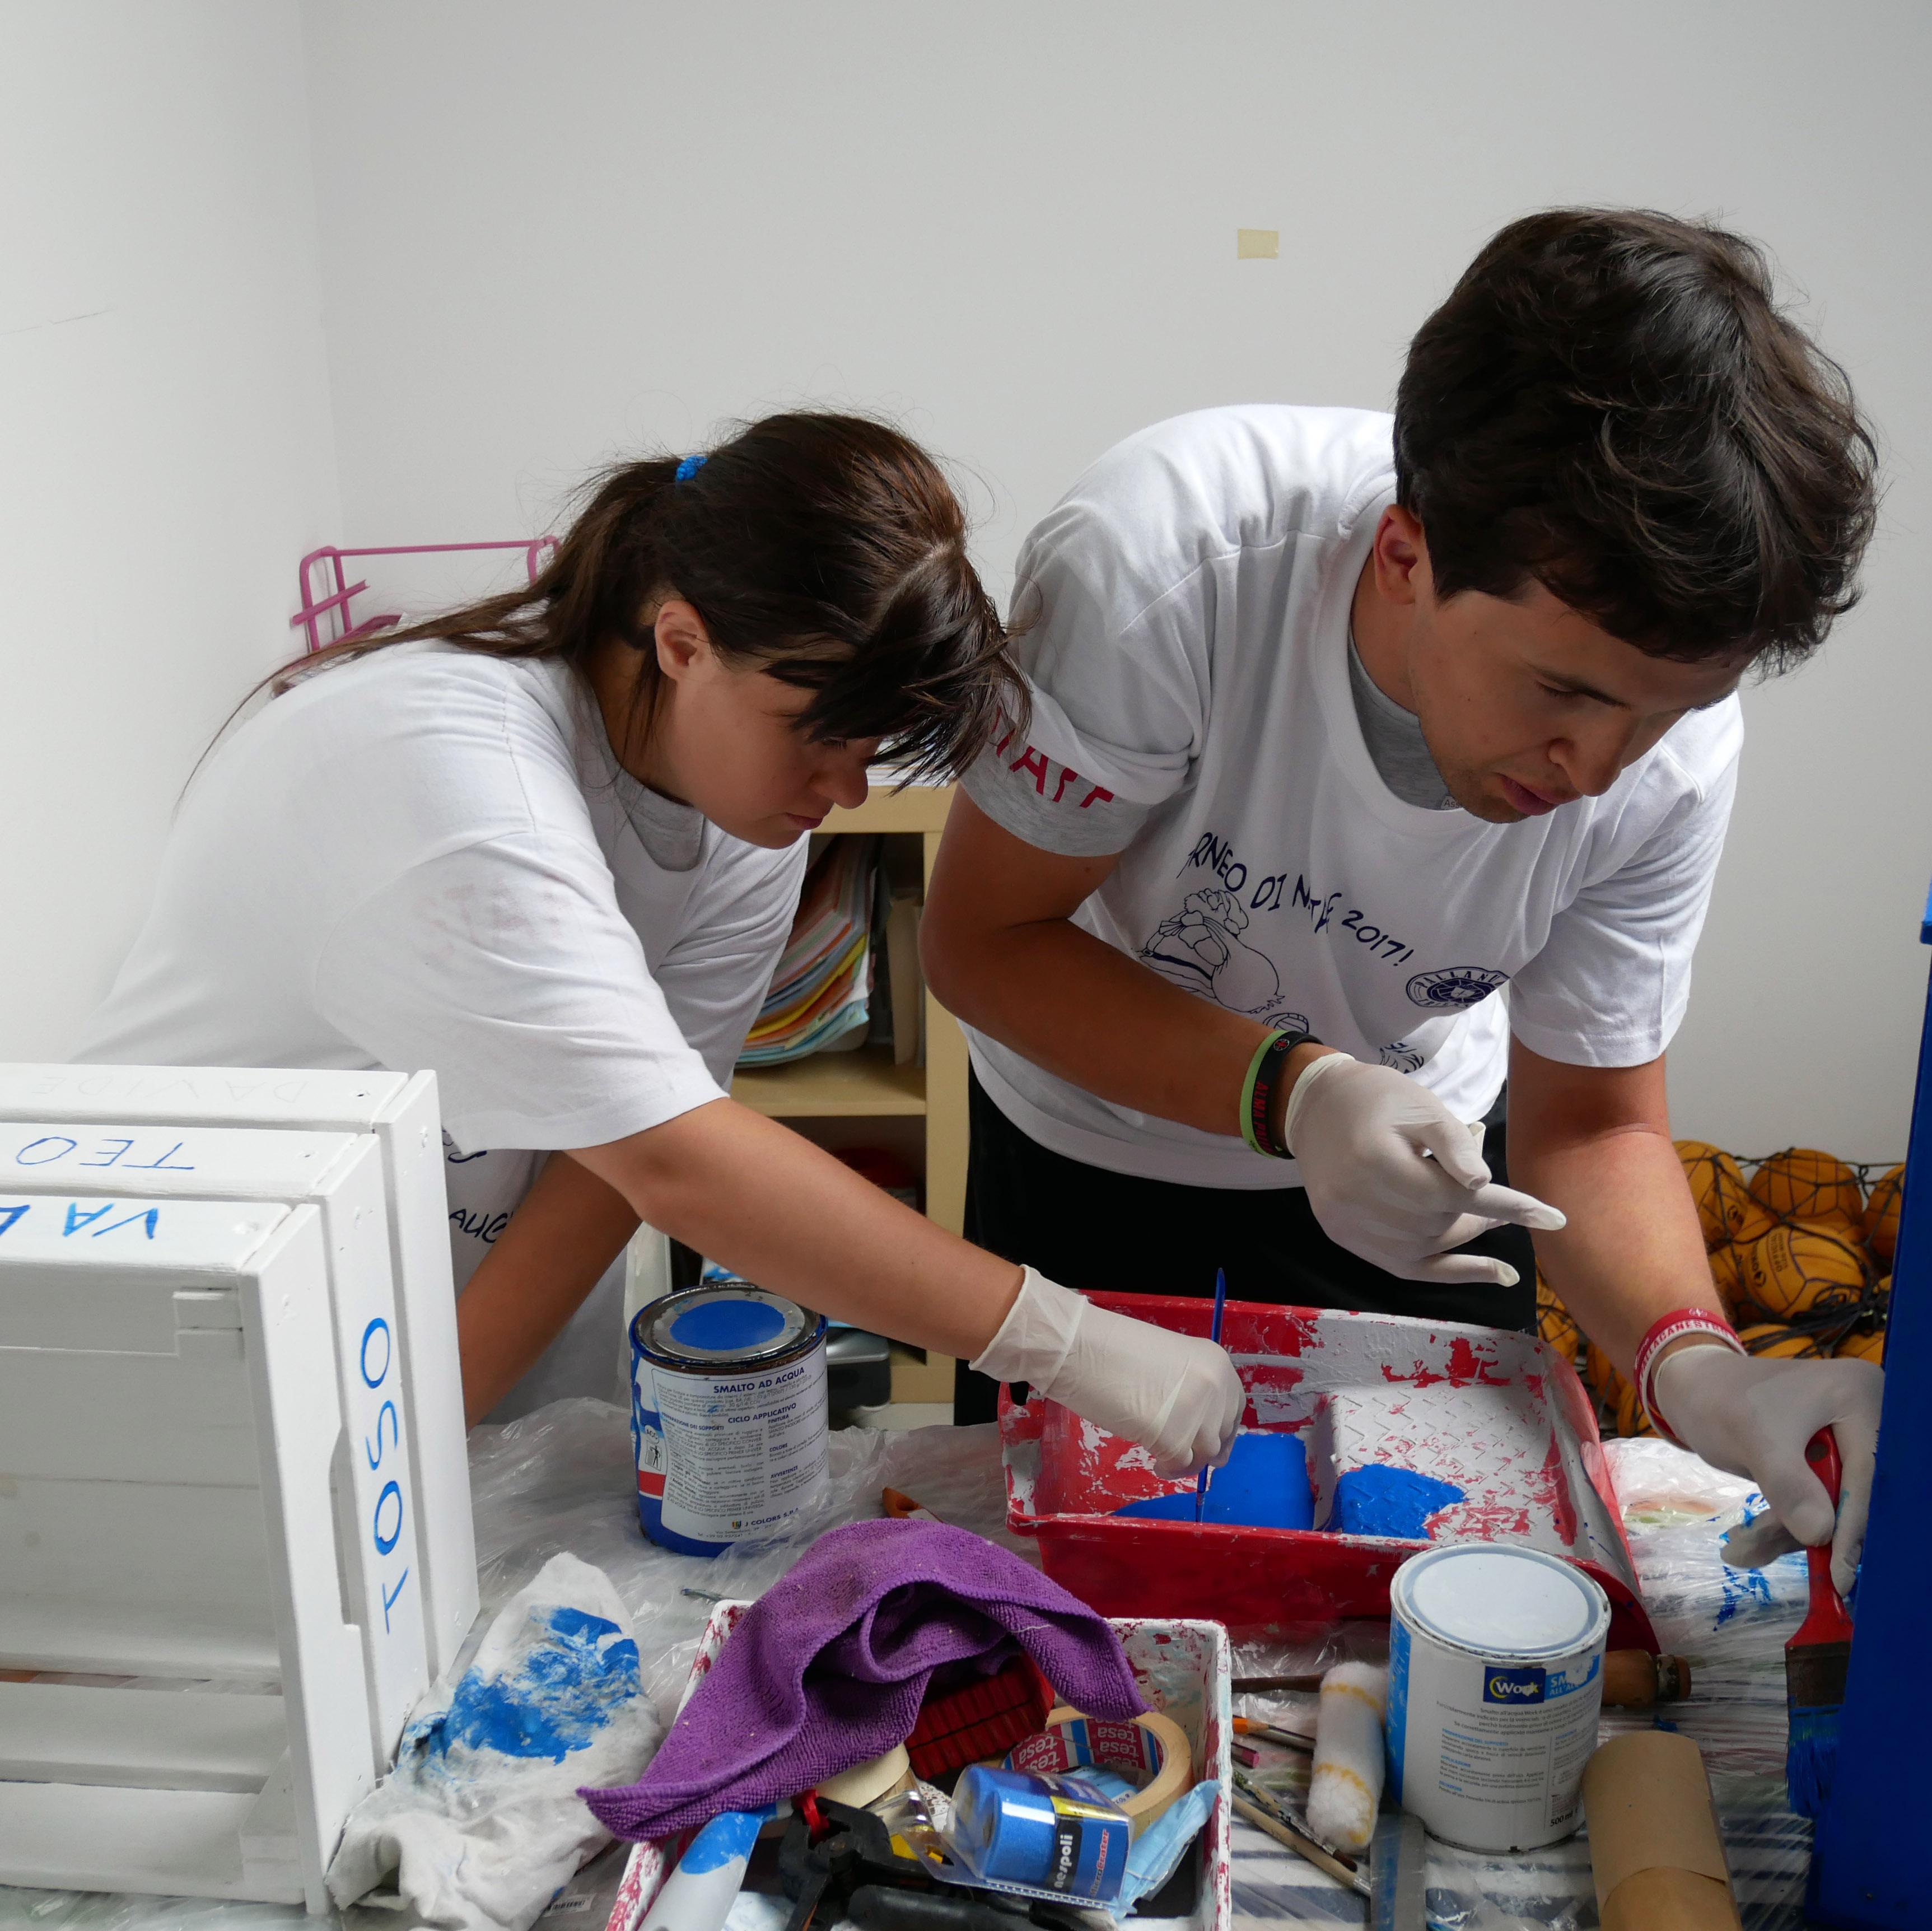 Piscina di San Giovanni: riuscito progetto di esperienza lavorativa integrata per cinque ragazzi della Calicanto Onlus